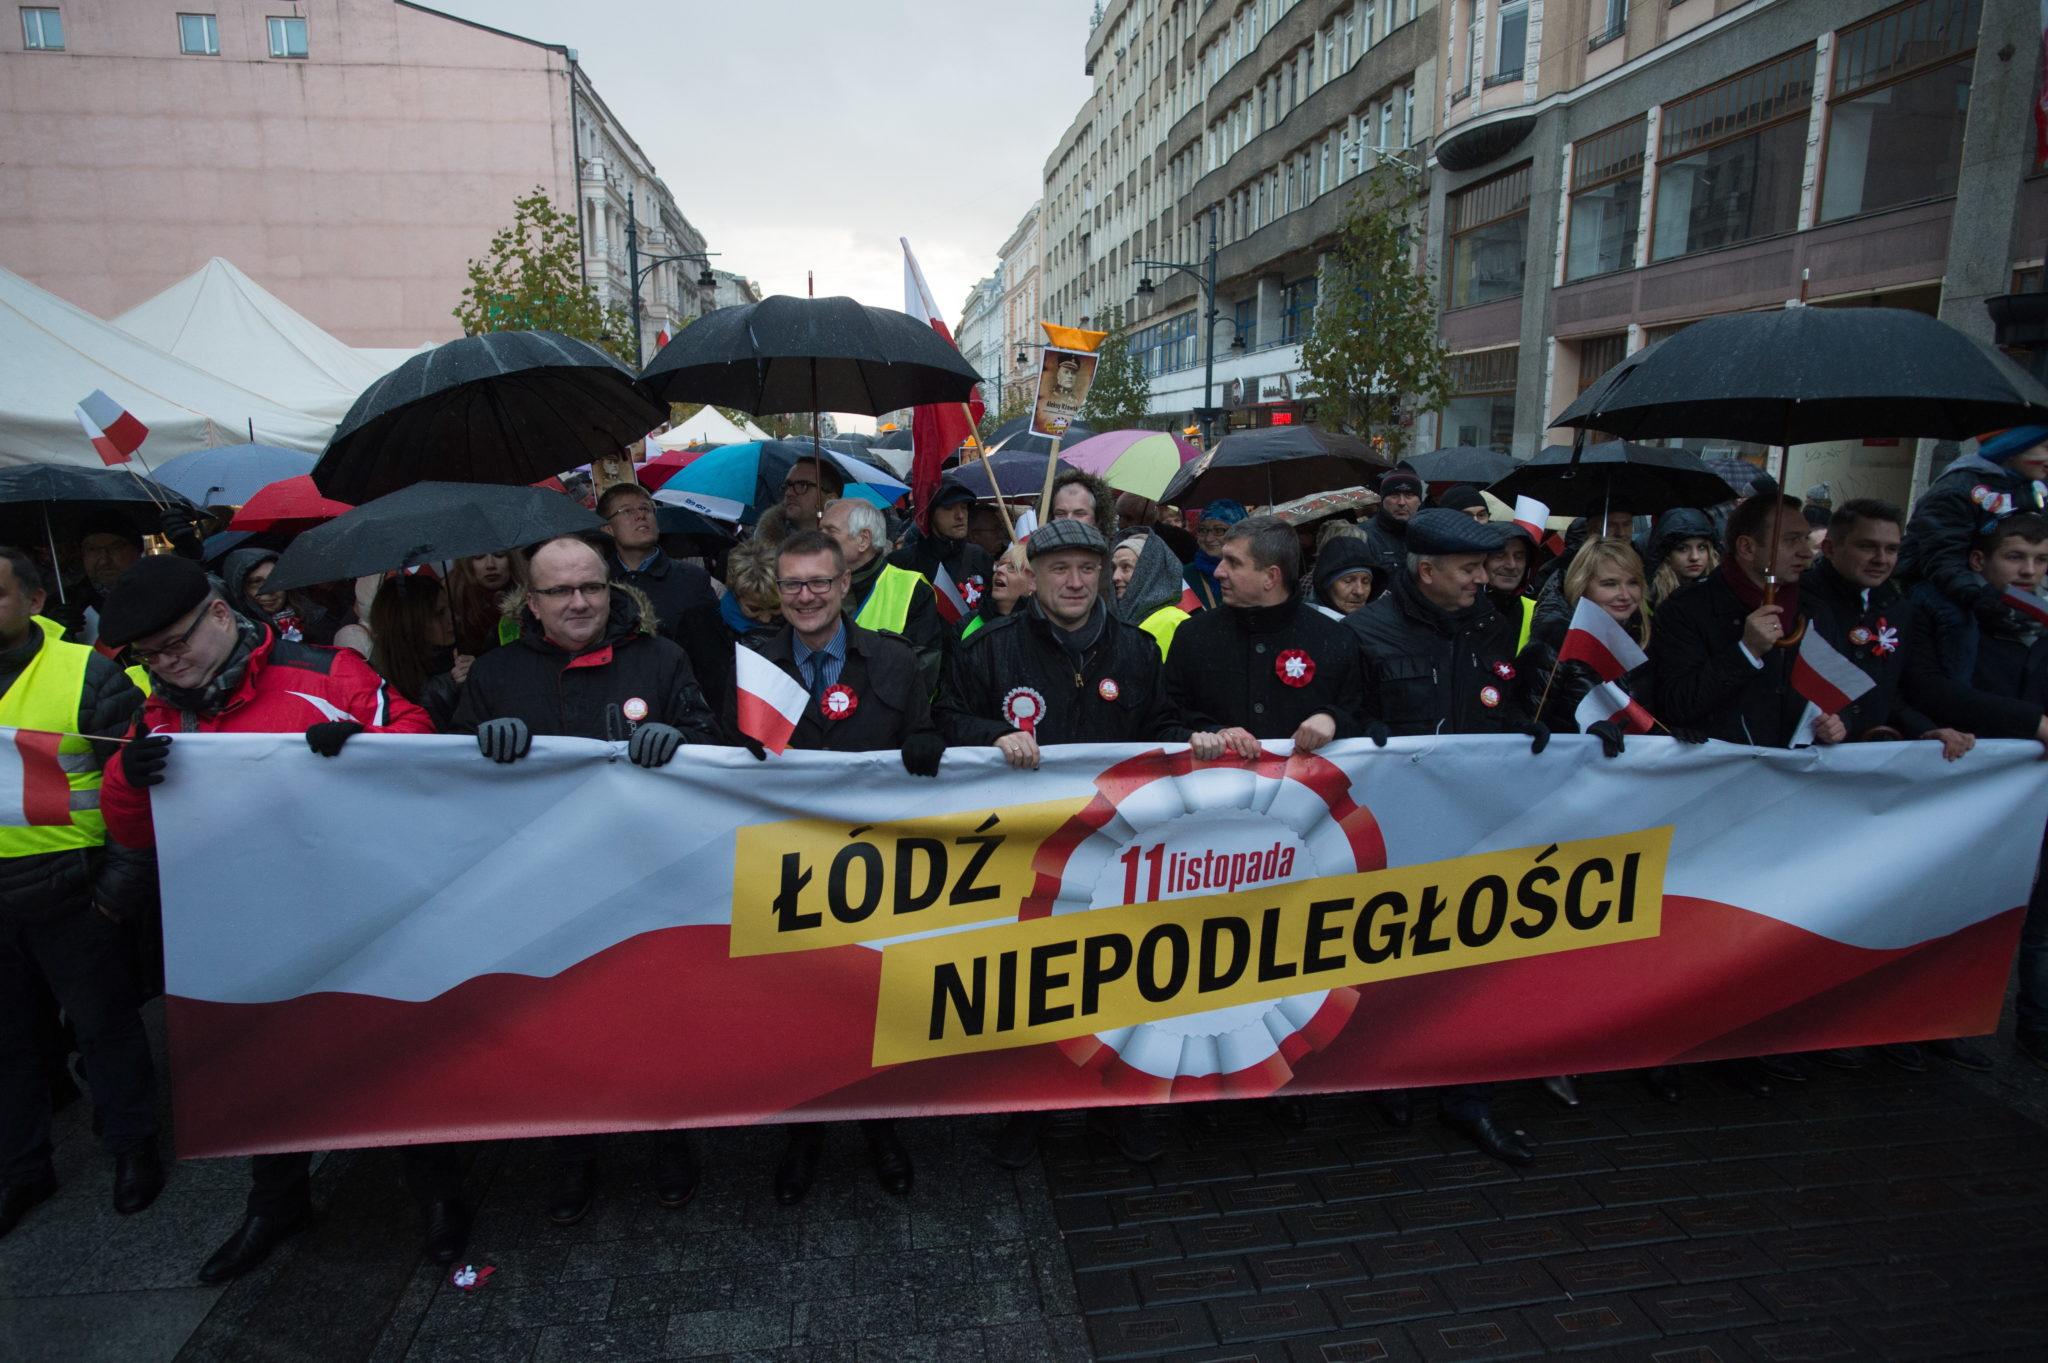 Marsz Niepodległości zorganizowany przez Komitet Obrony Demokracji, Sojusz Lewicy Demokratycznej, Platformę Obywatelską i Nowoczesną w Łodzi fot: PAP/Grzegorz Michałowski